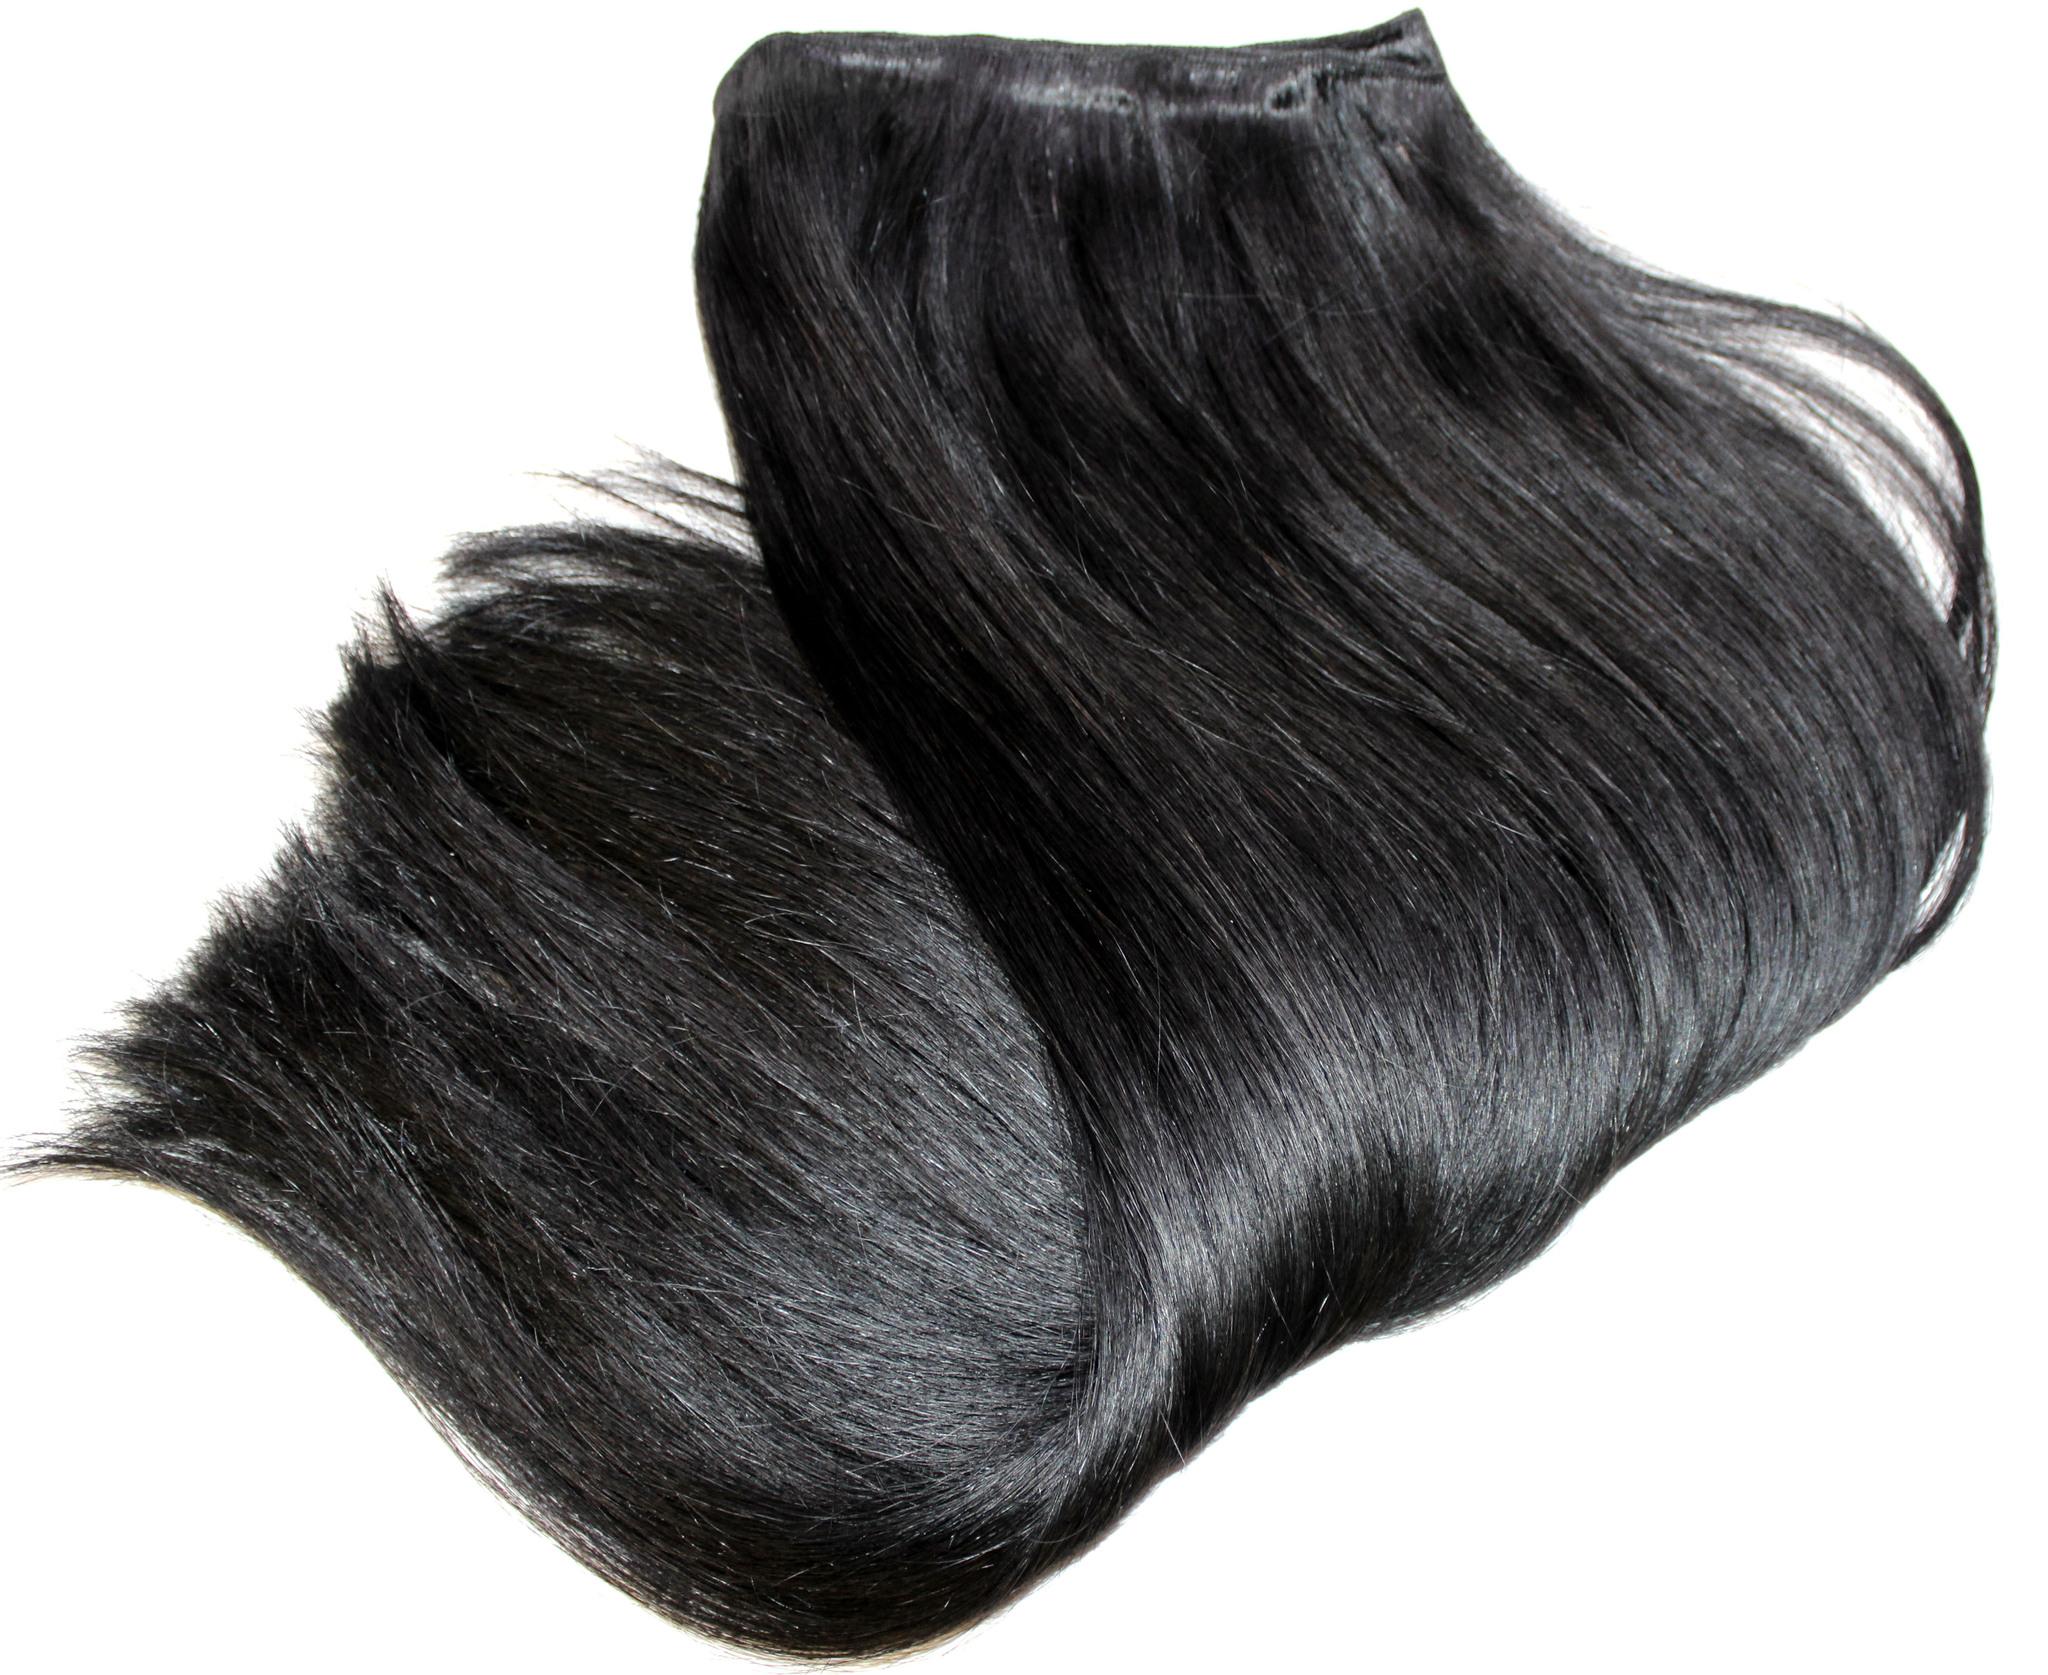 Тресс из натуральных волос длина 70 см,цвет  #1 цвет натуральных черный